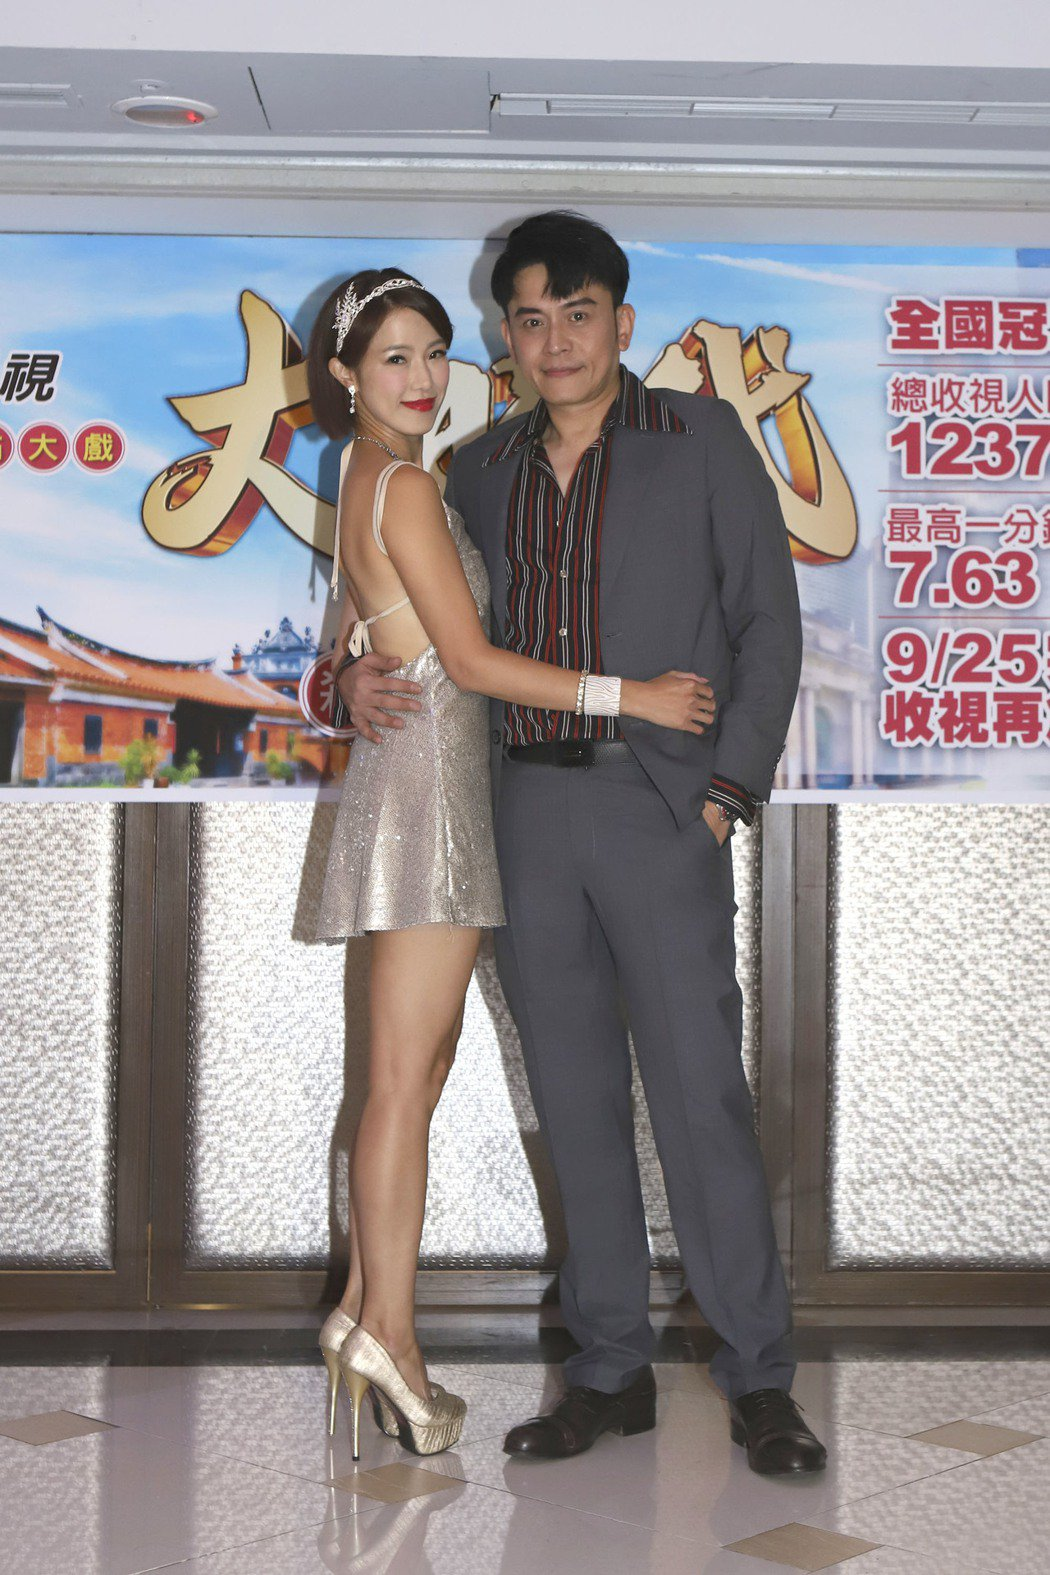 黃瑄(左)和劇中飾演「方世國」的林志豪出席「大時代」殺青宴。圖/民視提供